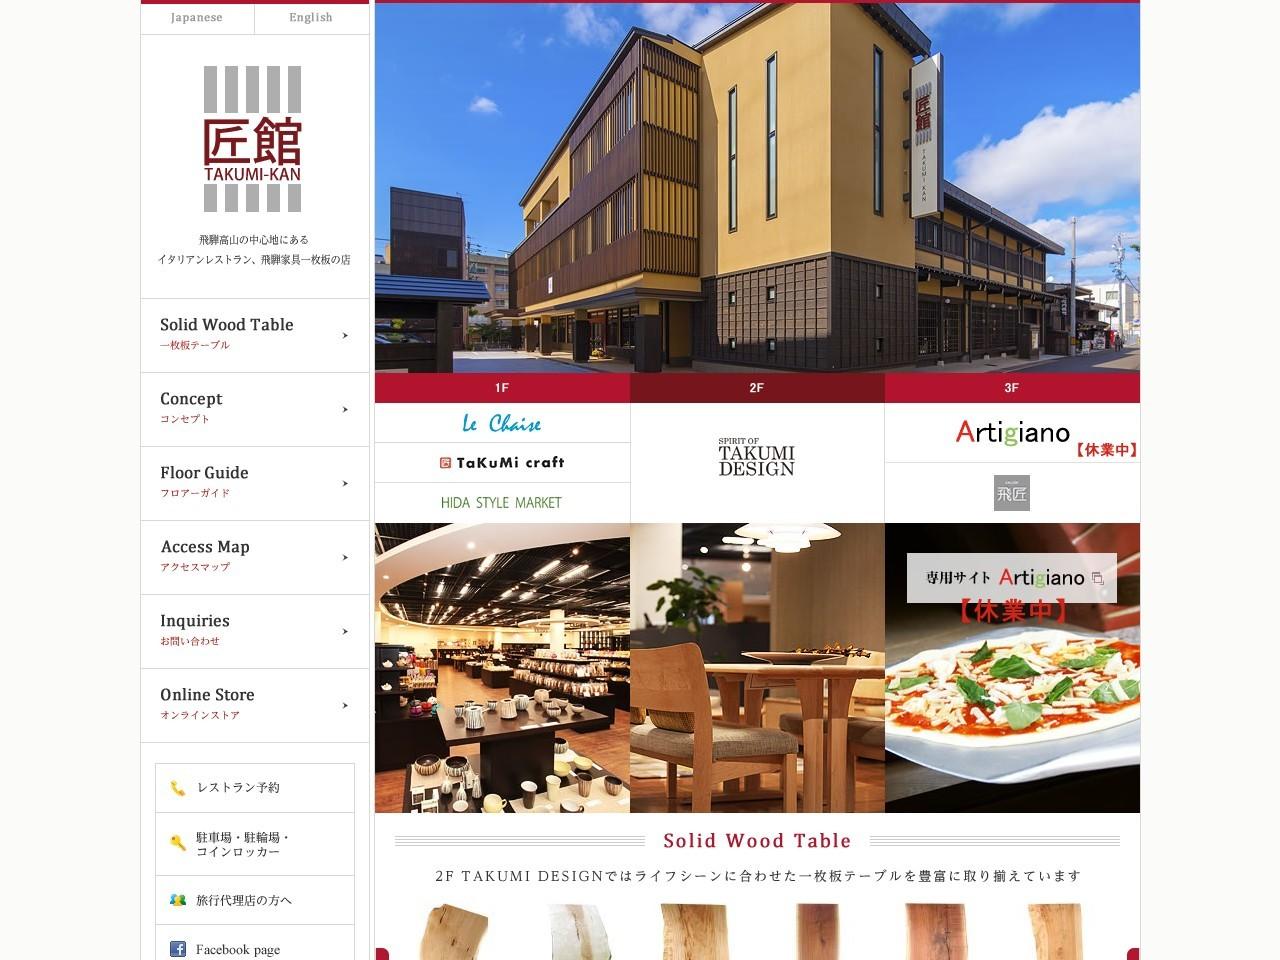 飛騨高山のイタリアンレストラン、飛騨家具一枚板テーブルの店『匠館』